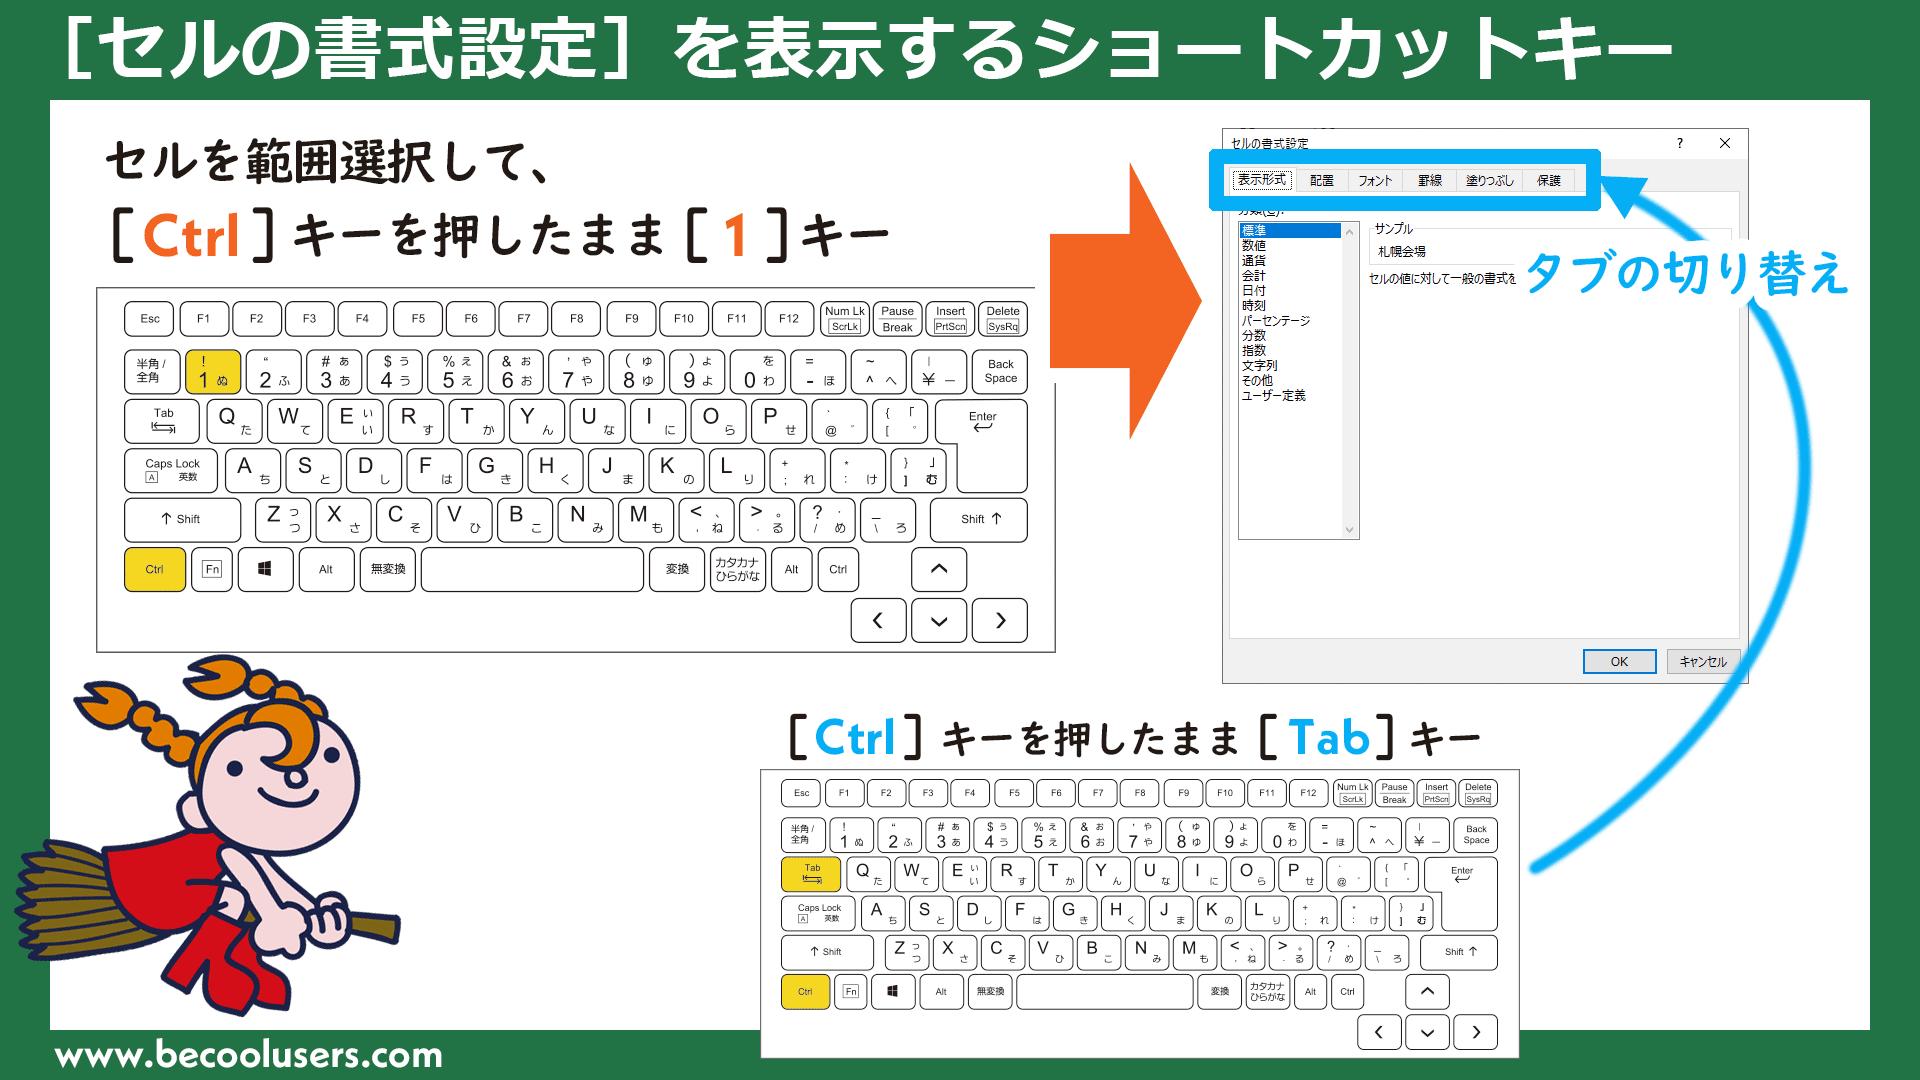 セル の 書式 設定 ショートカット 「セルの書式設定」ダイアログボックスを表示させる方法